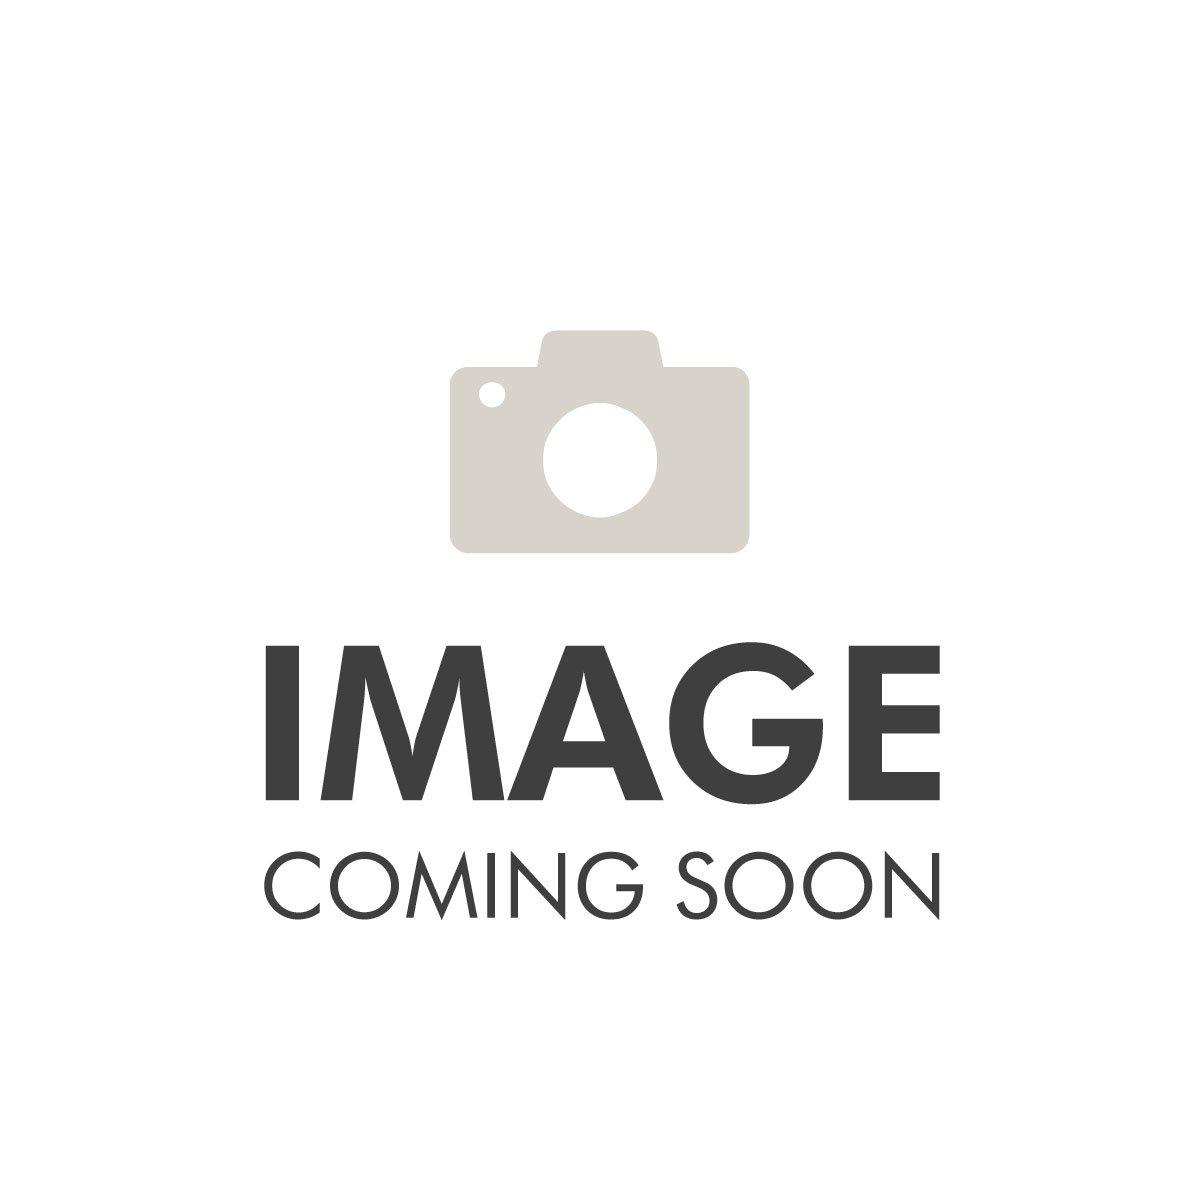 Uhlmann - Pointe de fleuret complète - TiN